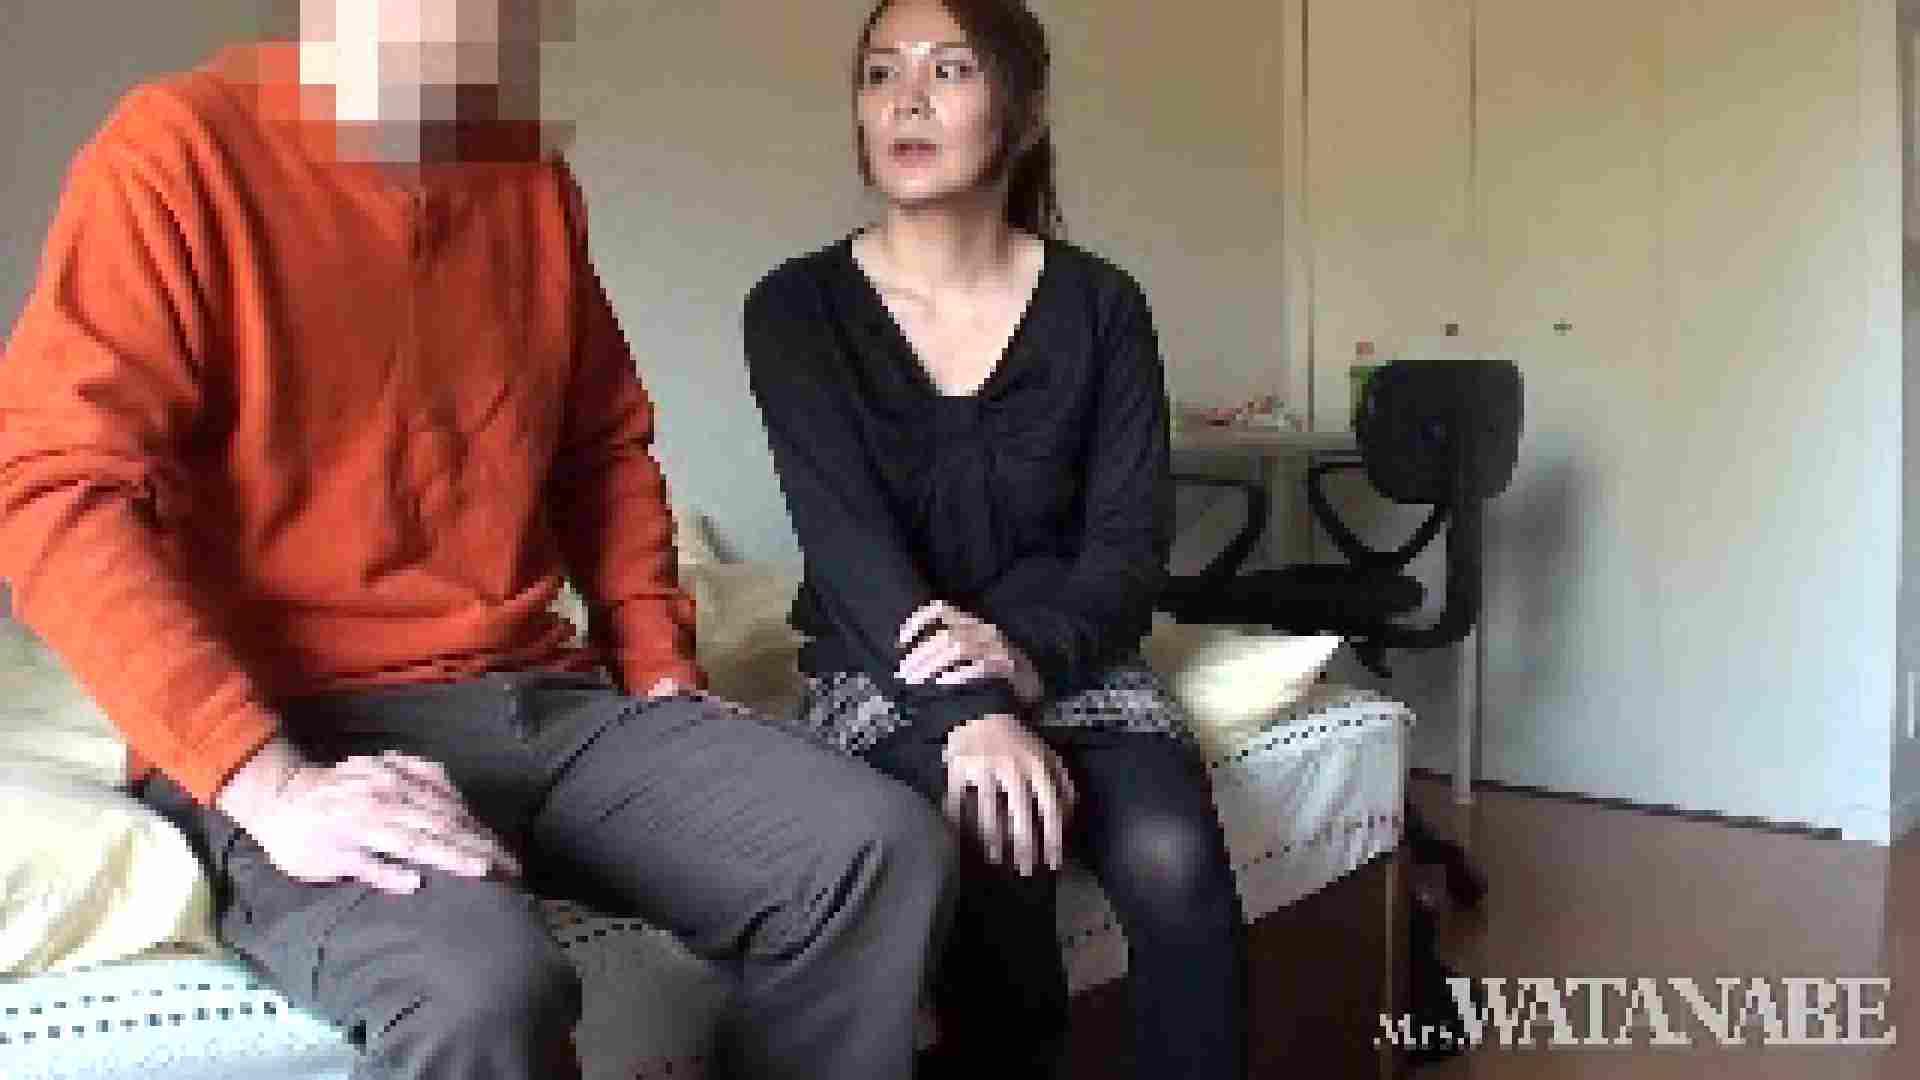 SNSで出会った人妻をハメ撮りしちゃいます 2回目 前編 人妻達のヌード | オナニー特集  65連発 15